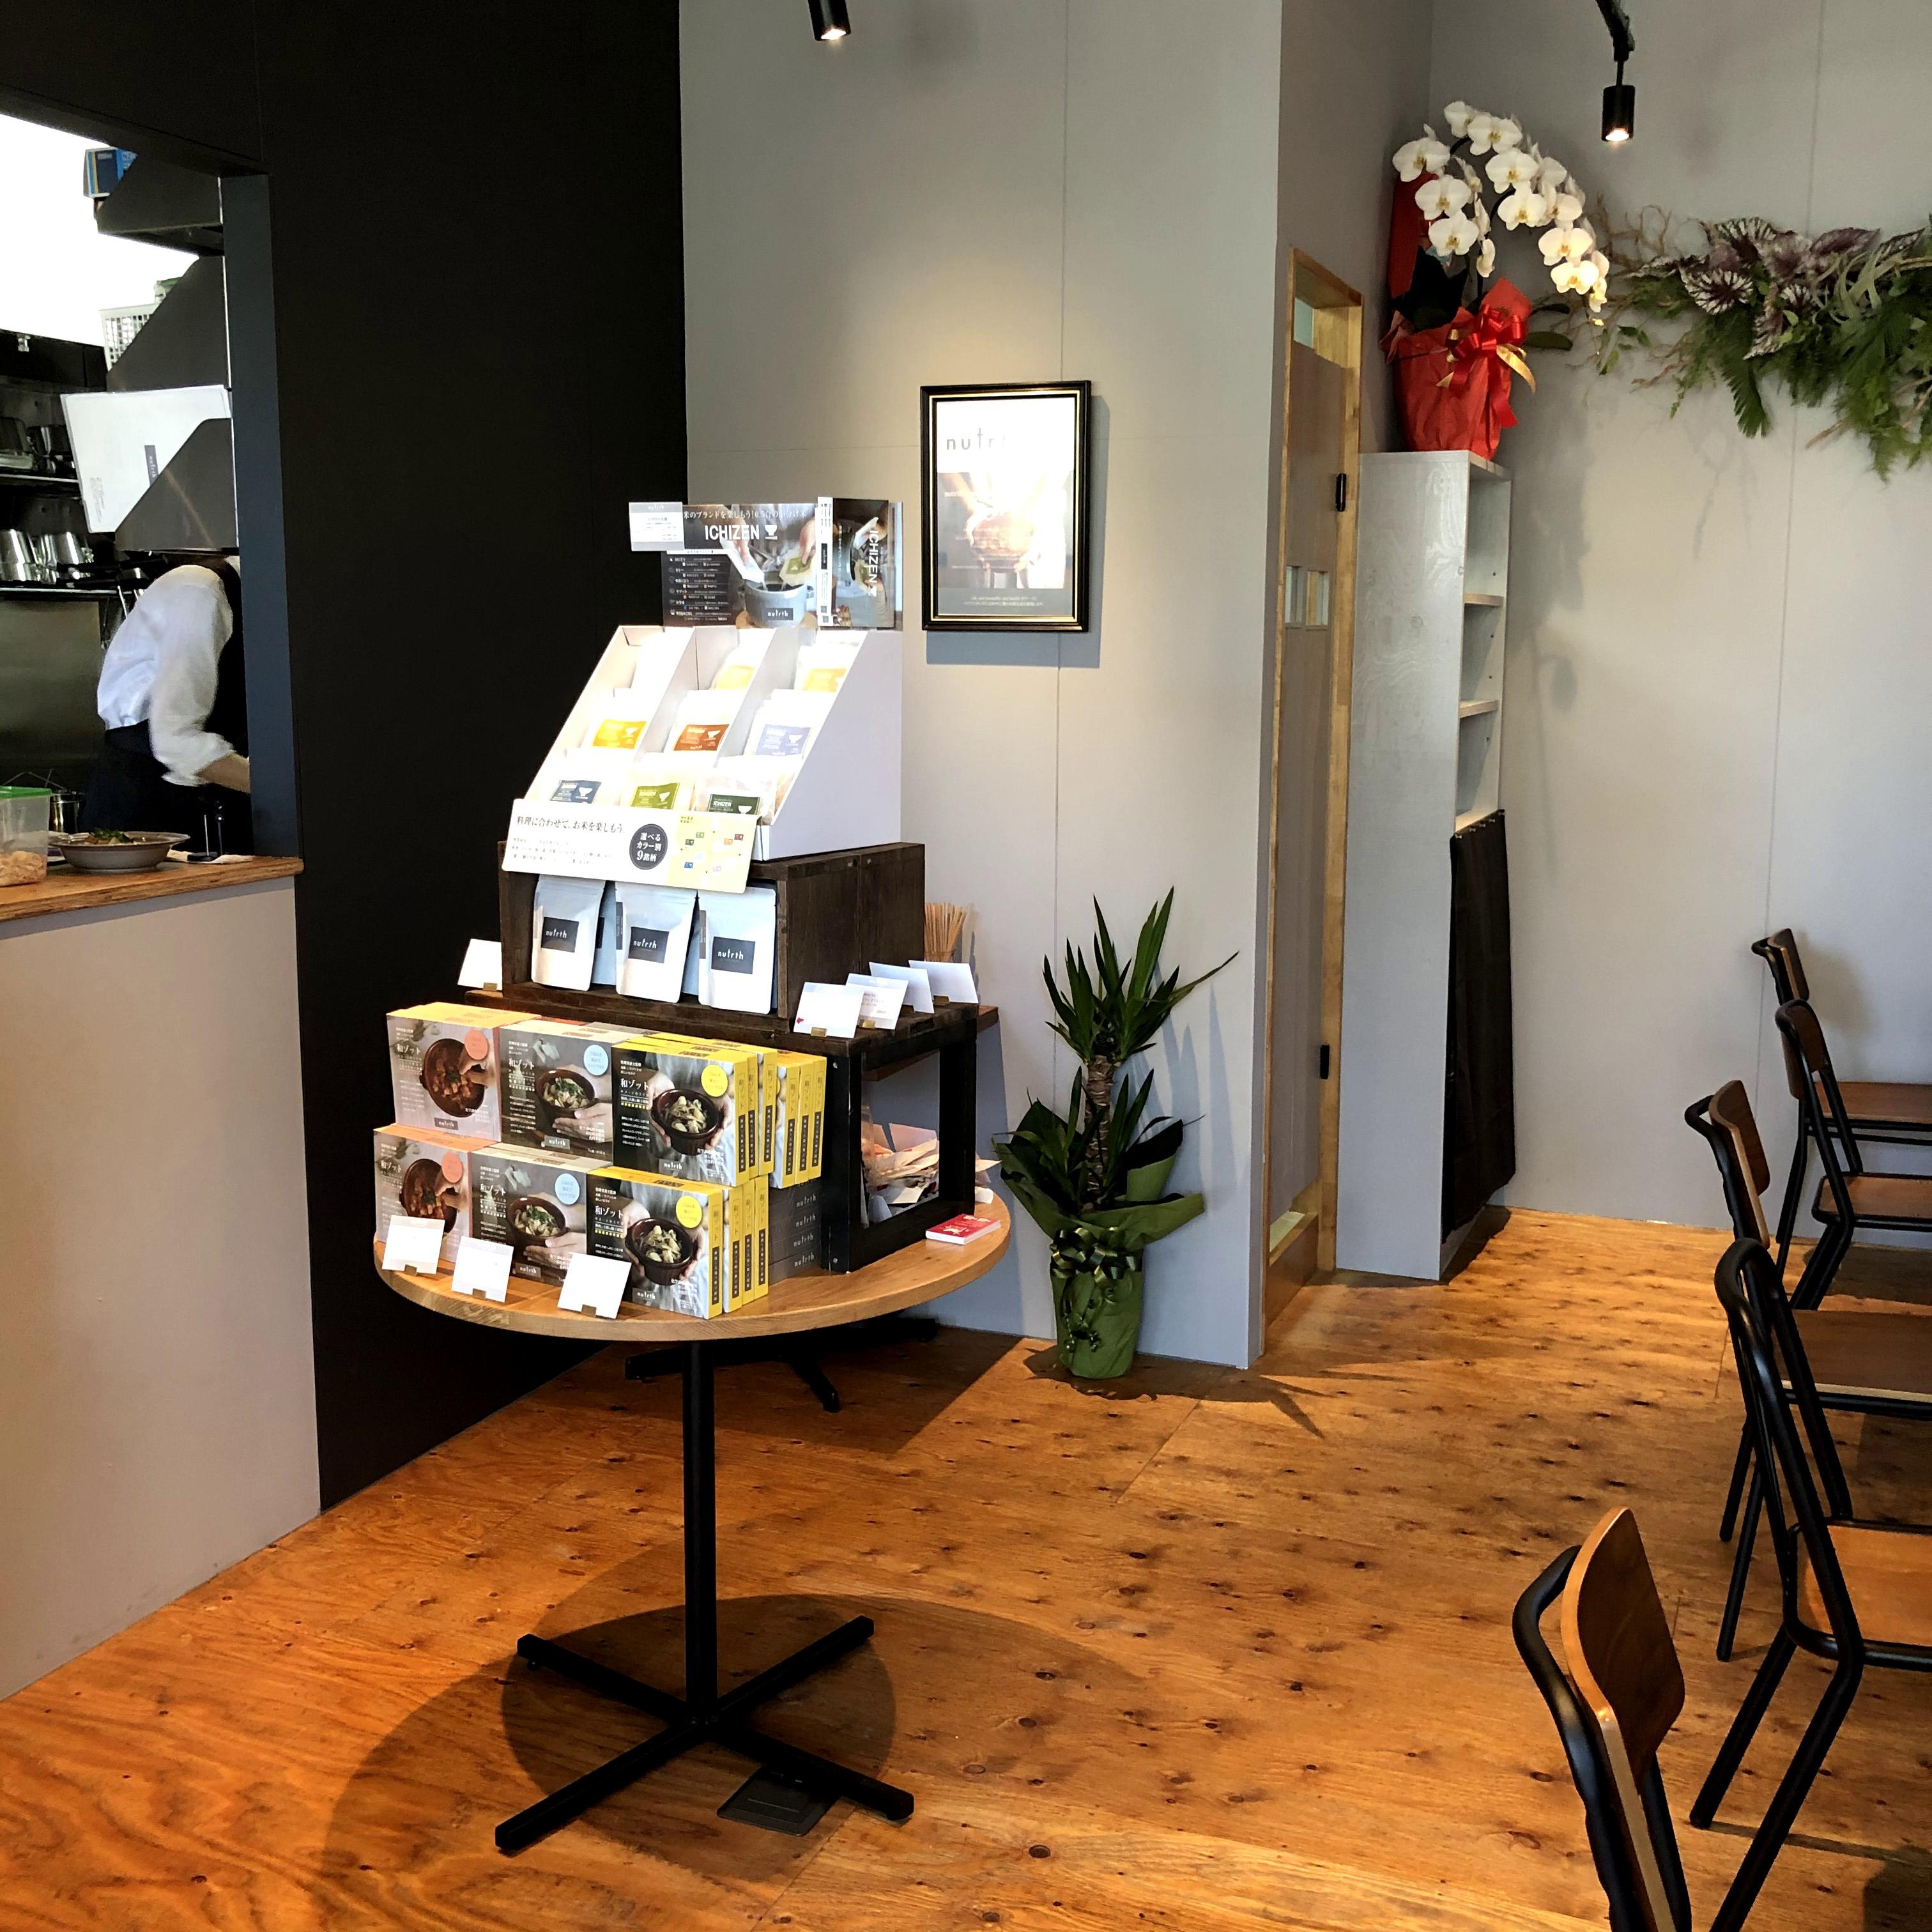 名鉄瀬戸線・高架下の新スポット「SAKUMACHI商店街」に12店舗がオープン! - IMG 0991